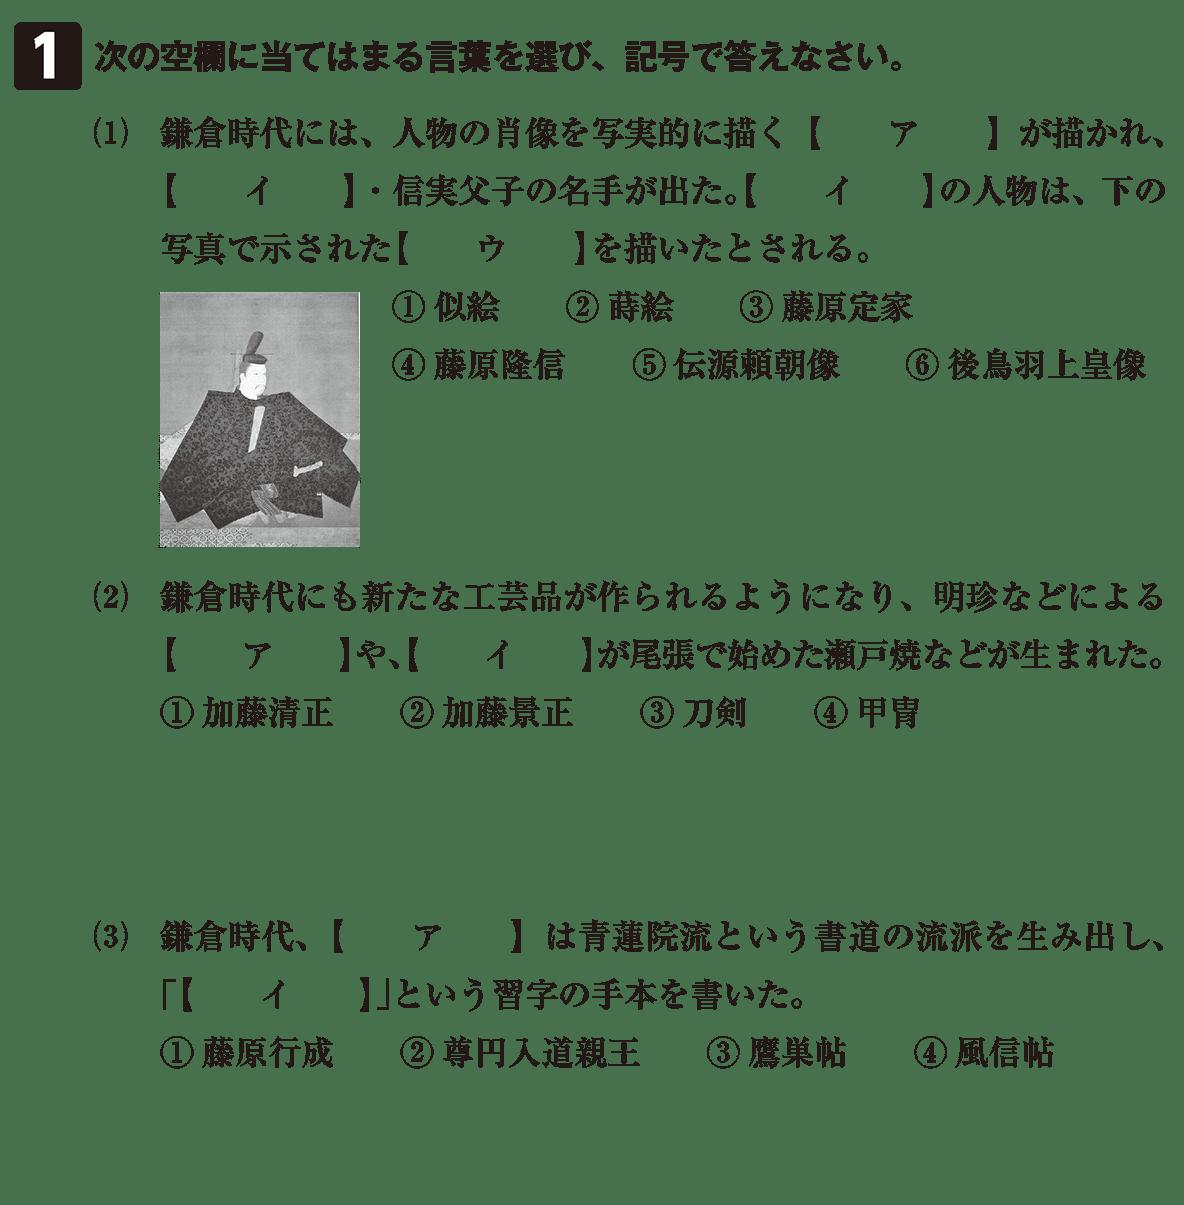 中世の文化15 問題1 問題